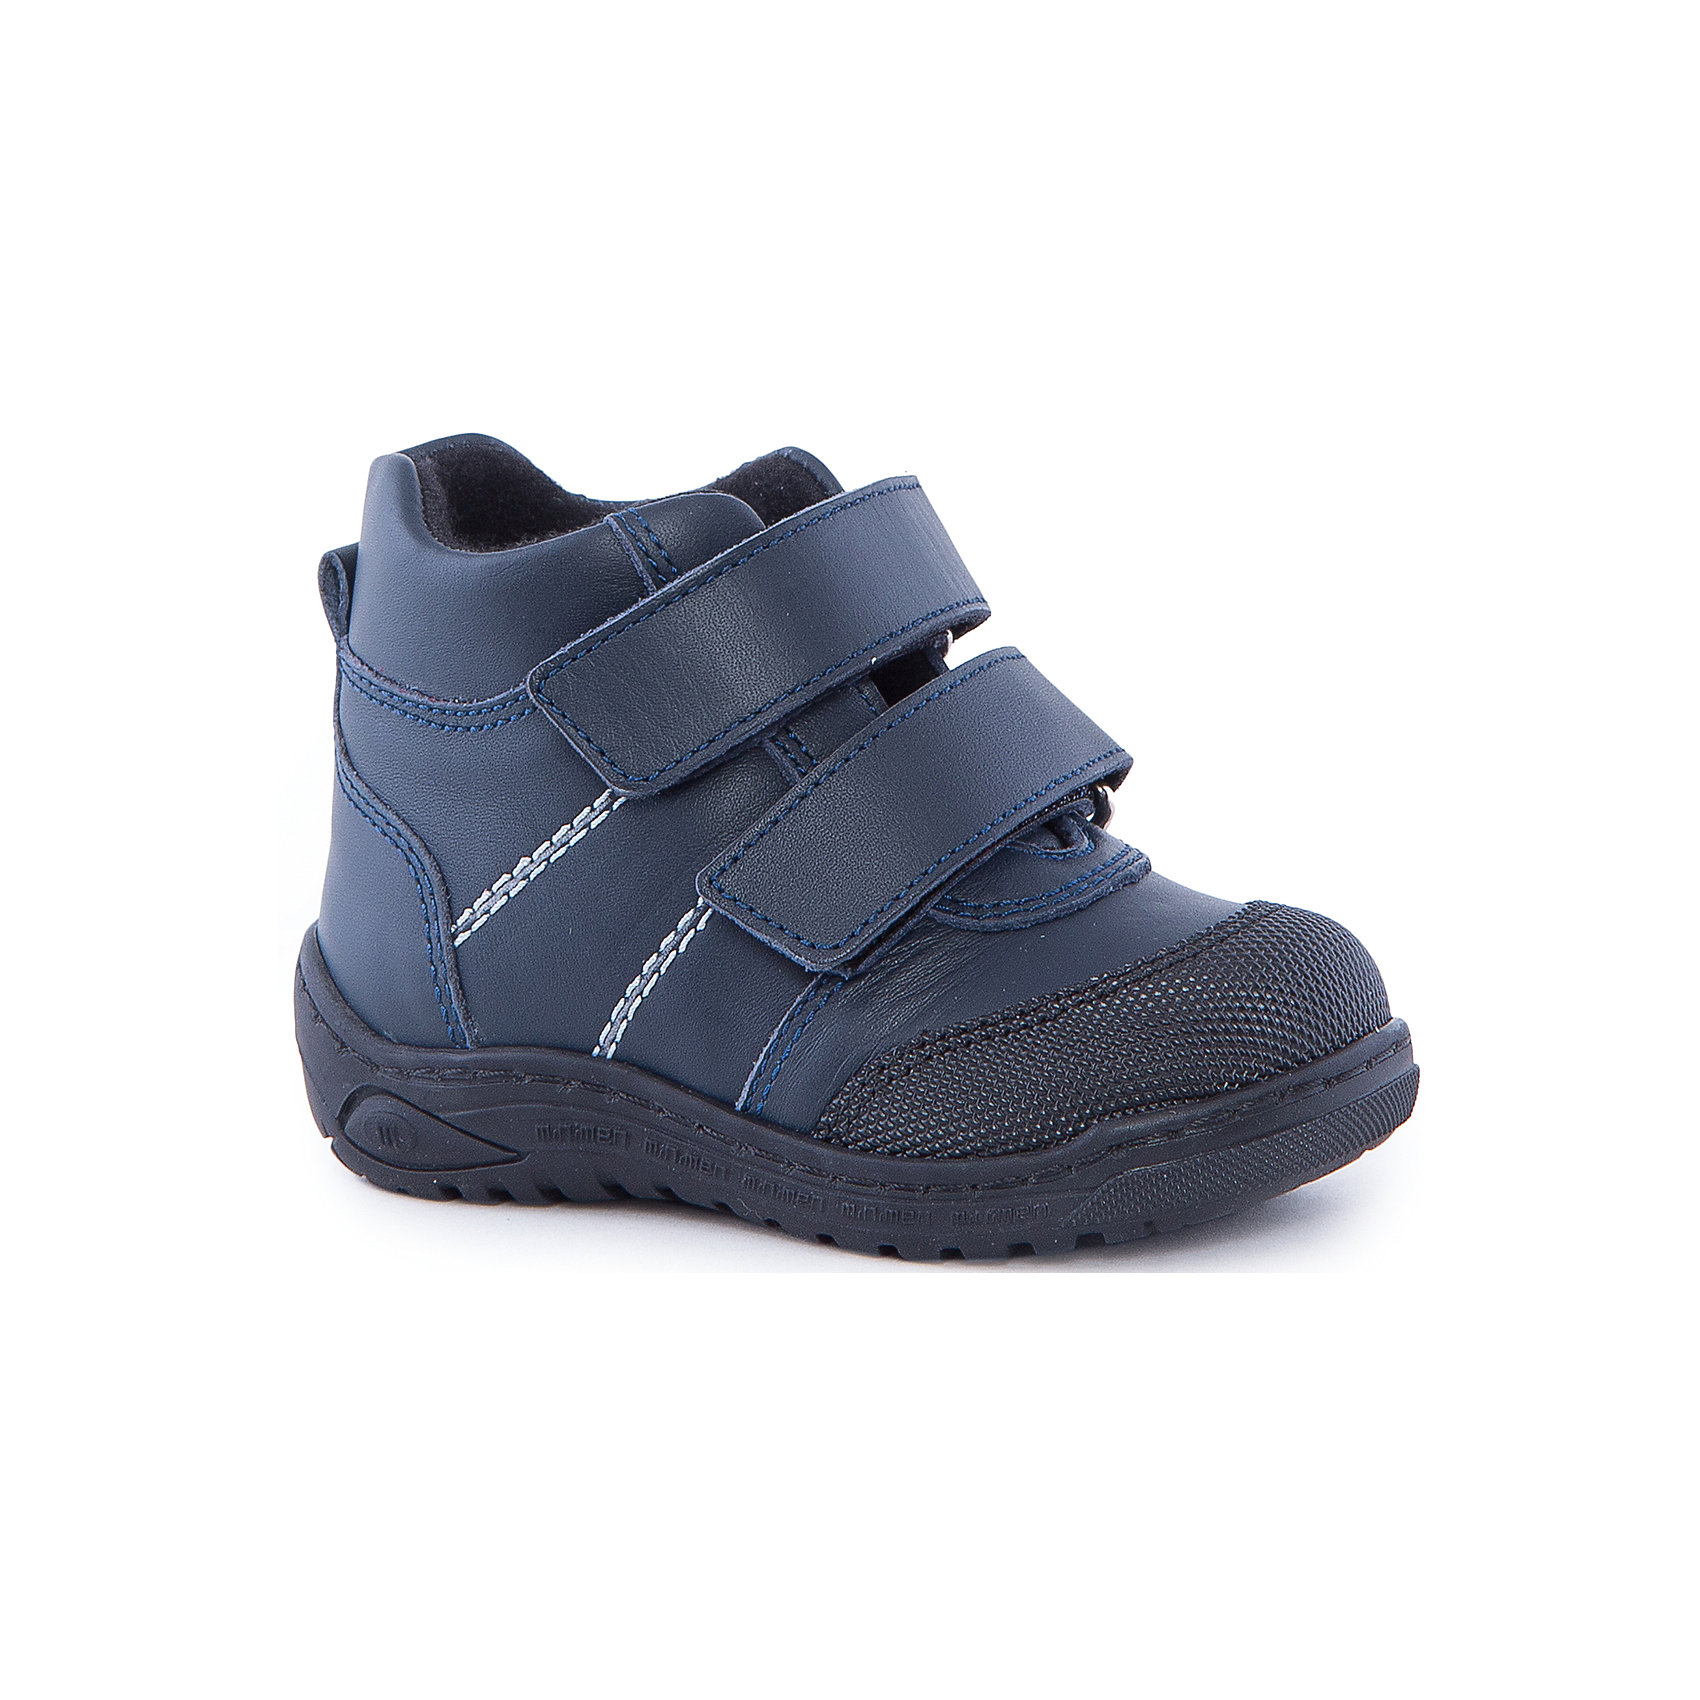 Ботинки для мальчика MinimenОбувь для малышей<br>Ботиночки от Minimen очень удобны и прекрасно фиксируют ногу. Кроме того, они обладают ортопедическими свойствами, что поможет стопе ребенка развиваться правильно. Ботинки застегиваются на липучки и легко одеваются. Подойдут для осени и теплой зимы.<br><br>Дополнительная информация:<br>Стелька: супинатор<br>Сезон: осень-зима<br>Материал: 100% кожа, текстиль<br><br>Ботинки Minimen вы можете приобрести в нашем интернет-магазине.<br><br>Ширина мм: 262<br>Глубина мм: 176<br>Высота мм: 97<br>Вес г: 427<br>Цвет: синий<br>Возраст от месяцев: 9<br>Возраст до месяцев: 12<br>Пол: Мужской<br>Возраст: Детский<br>Размер: 20,24,21,22,23<br>SKU: 4969756